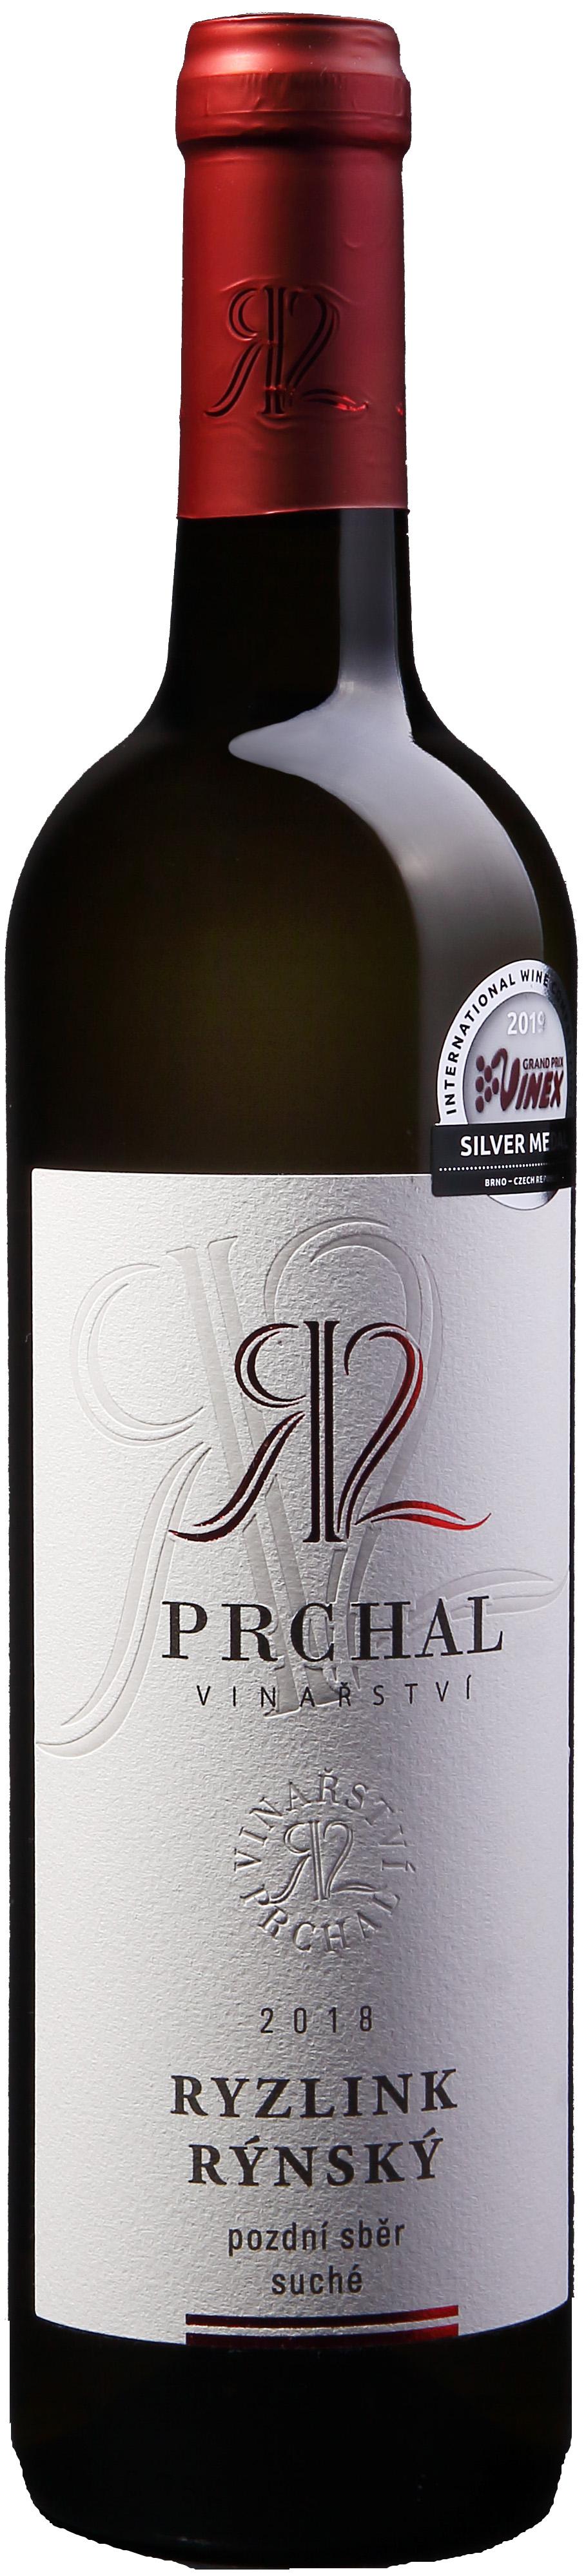 hlavní víno